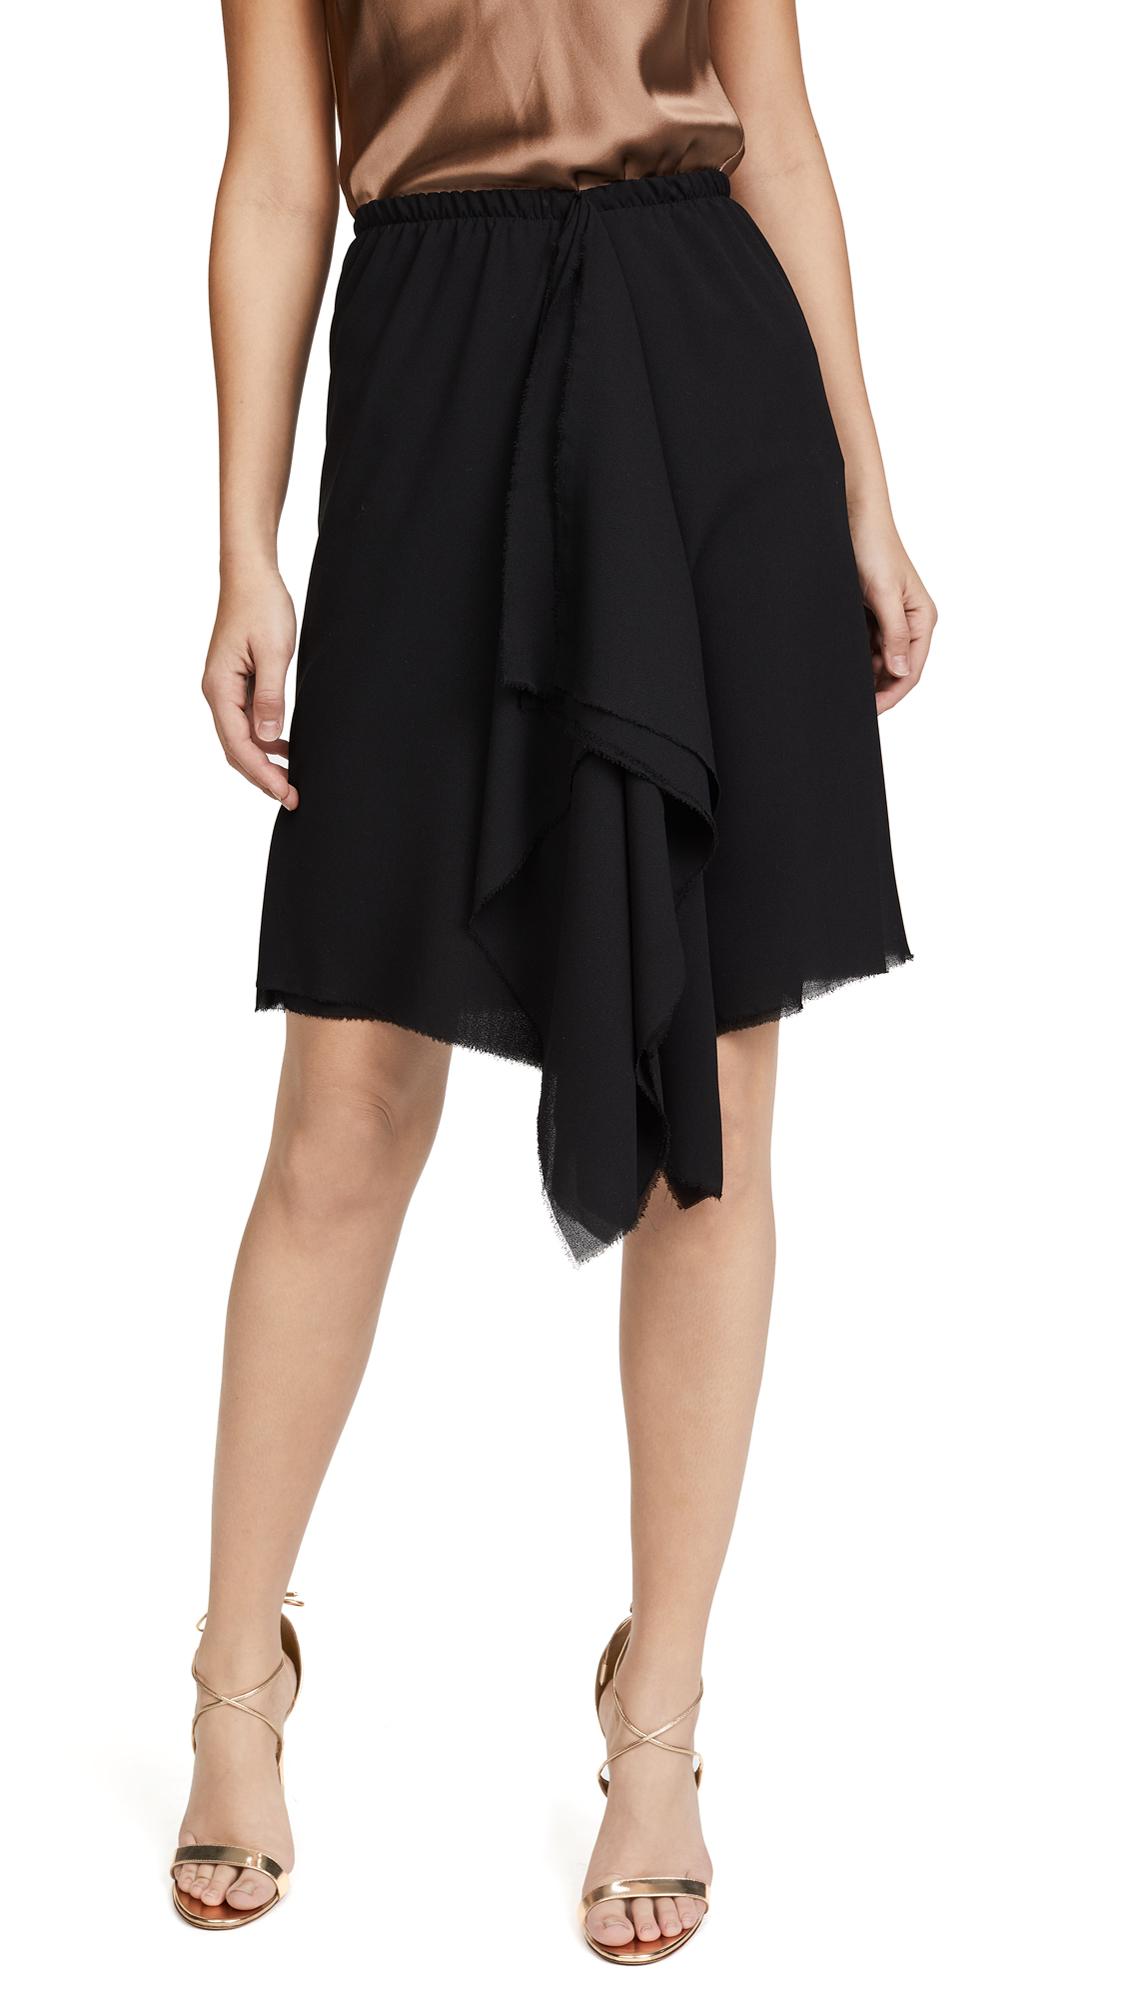 Loyd/Ford Black Drape Skirt - Black